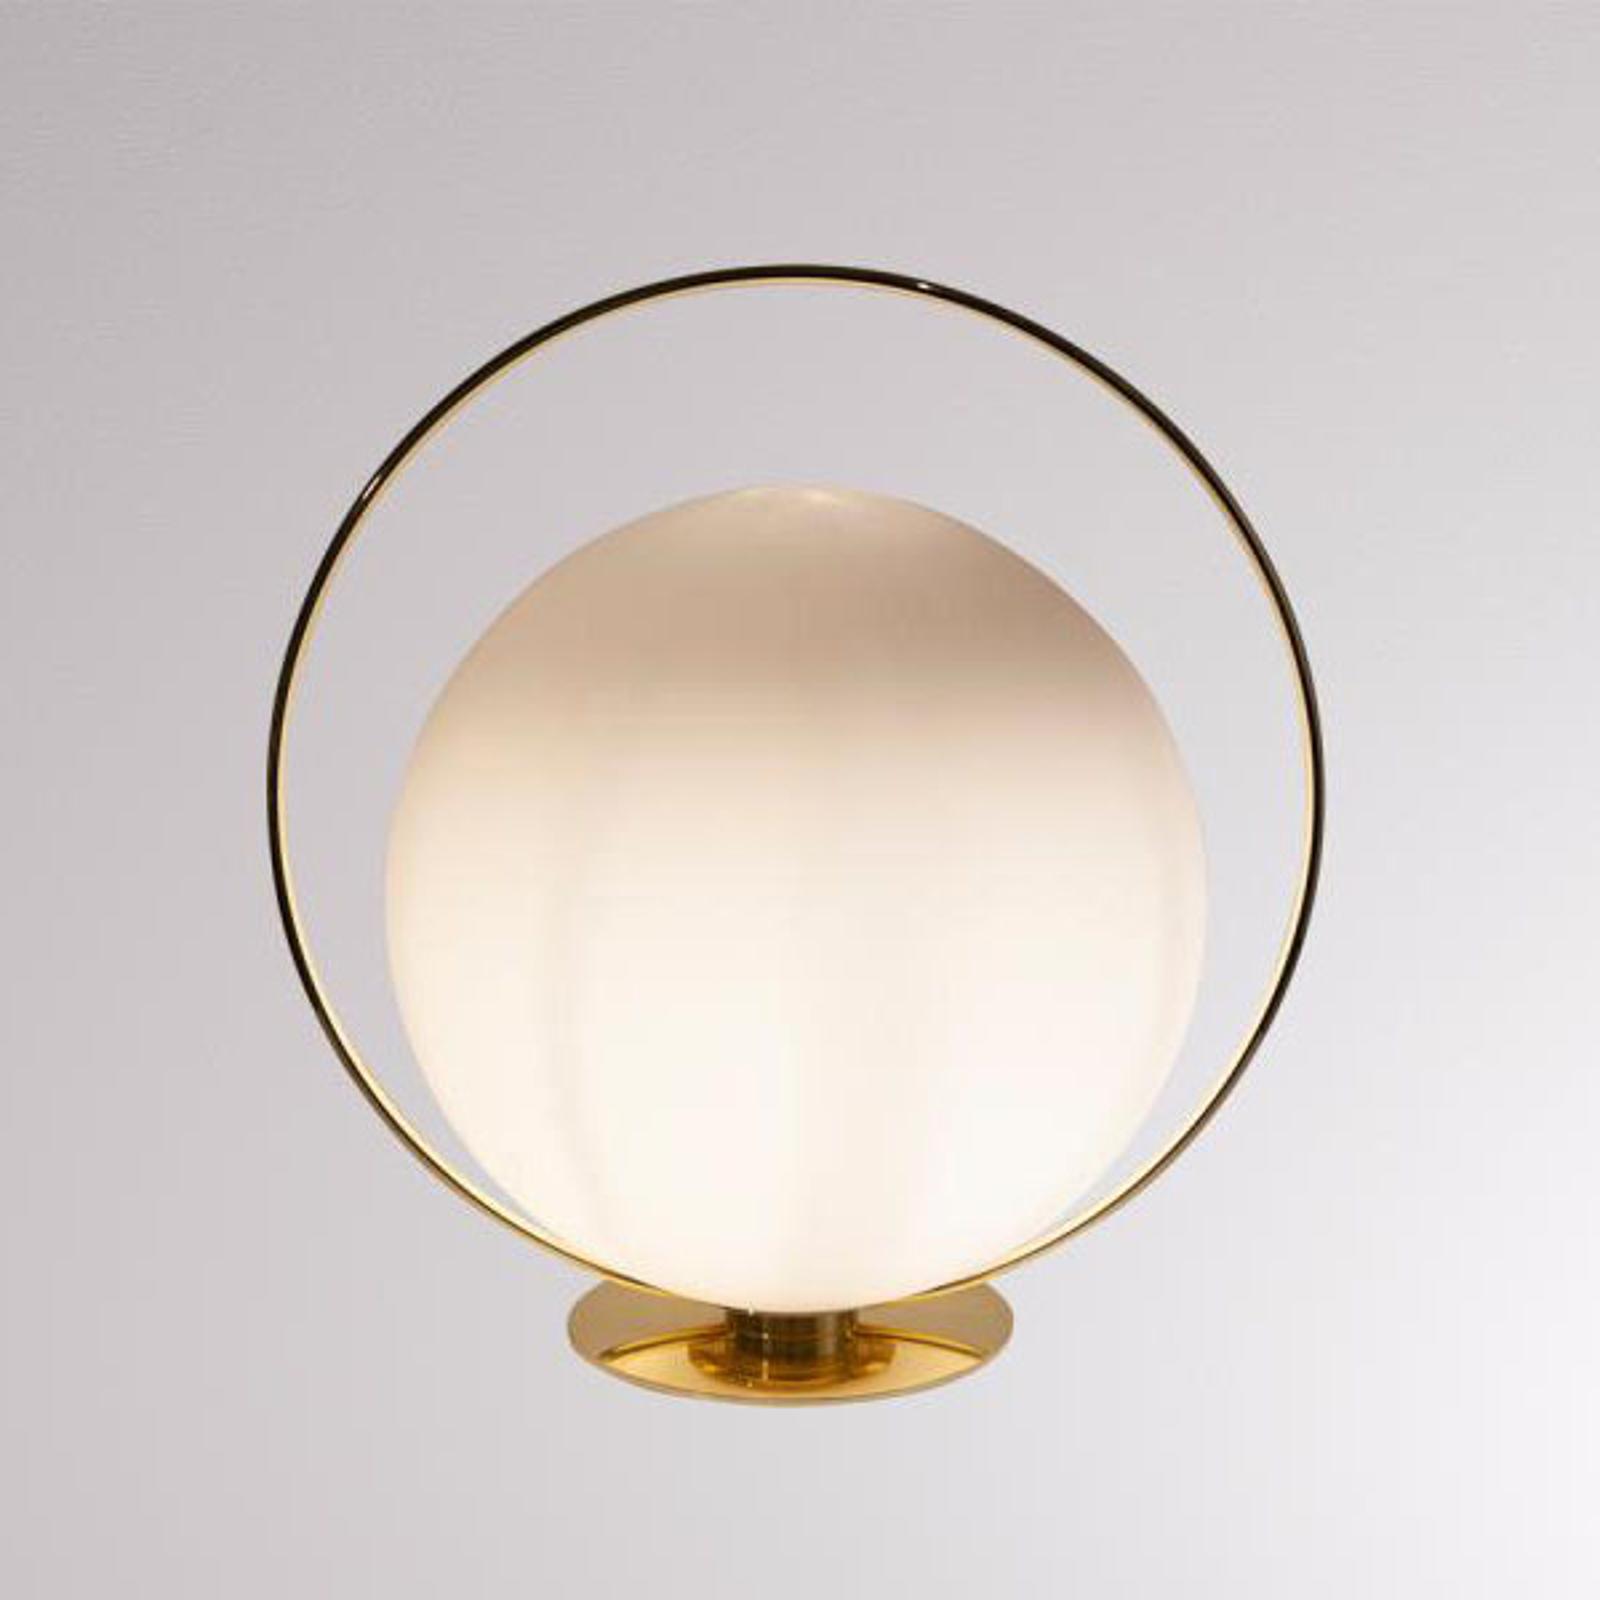 LOUM Tycho tafellamp met messingkleurig ring